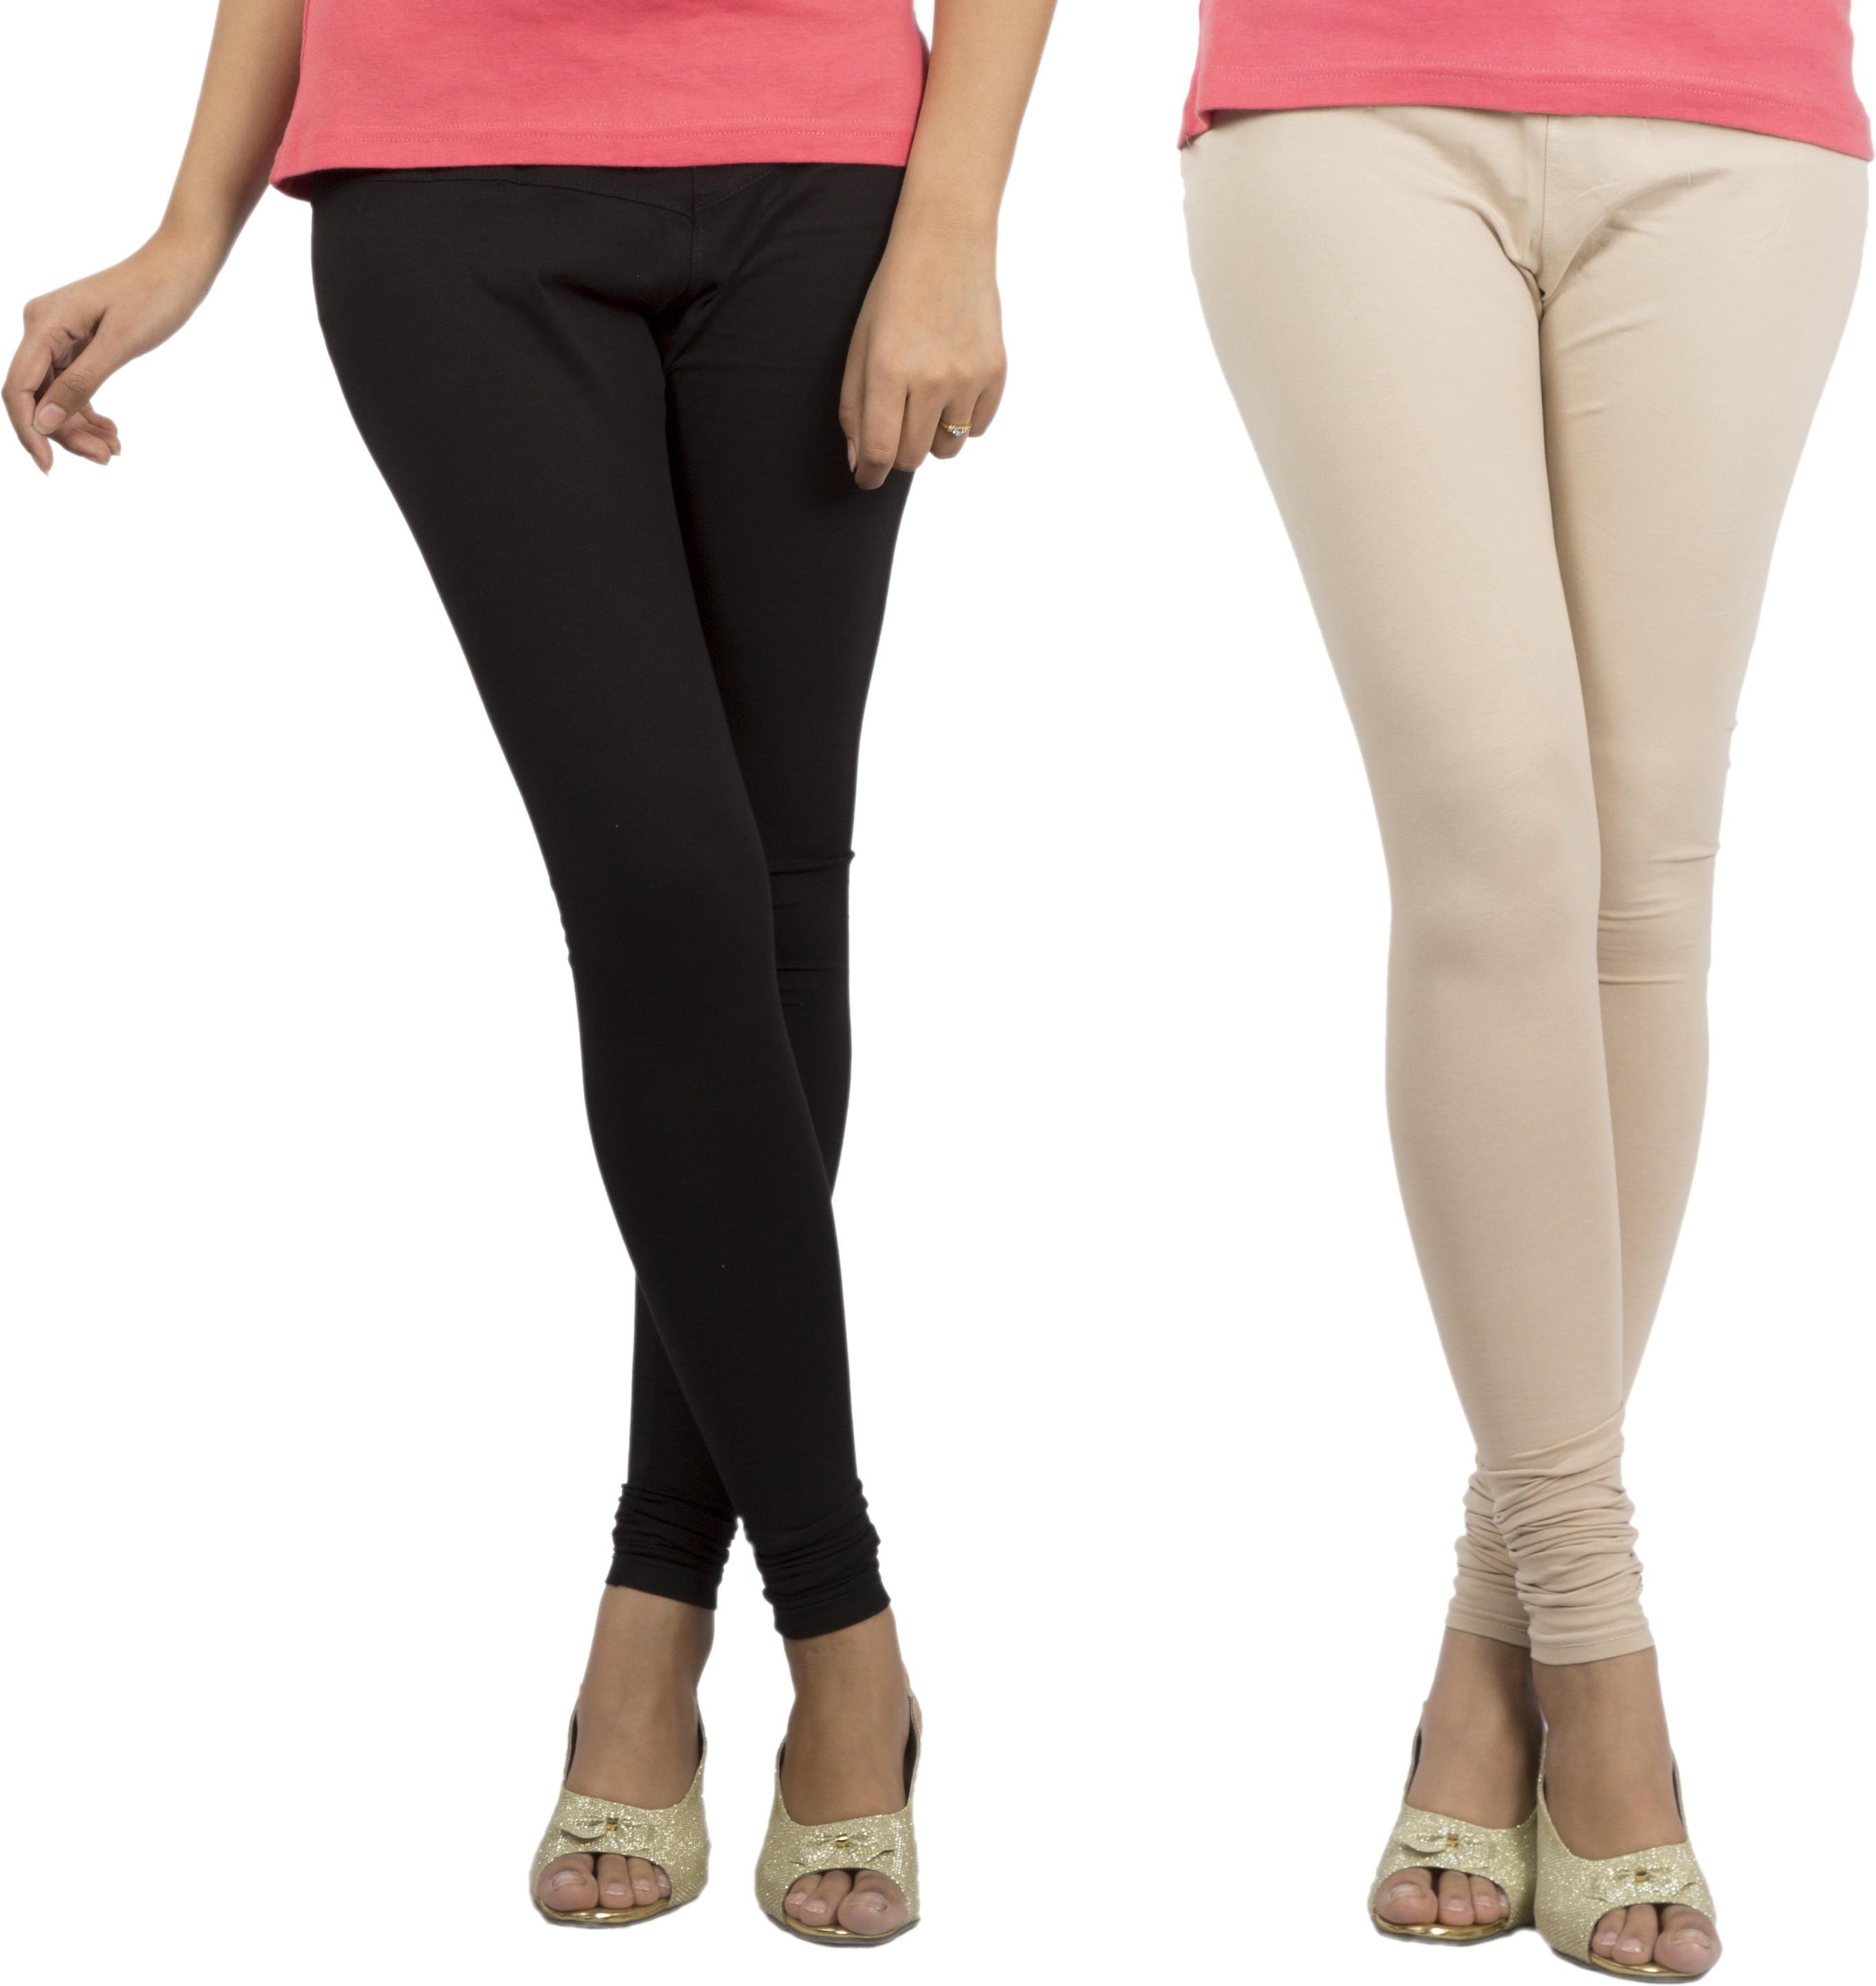 Jublee Womens Black, Beige Leggings(Pack of 2)